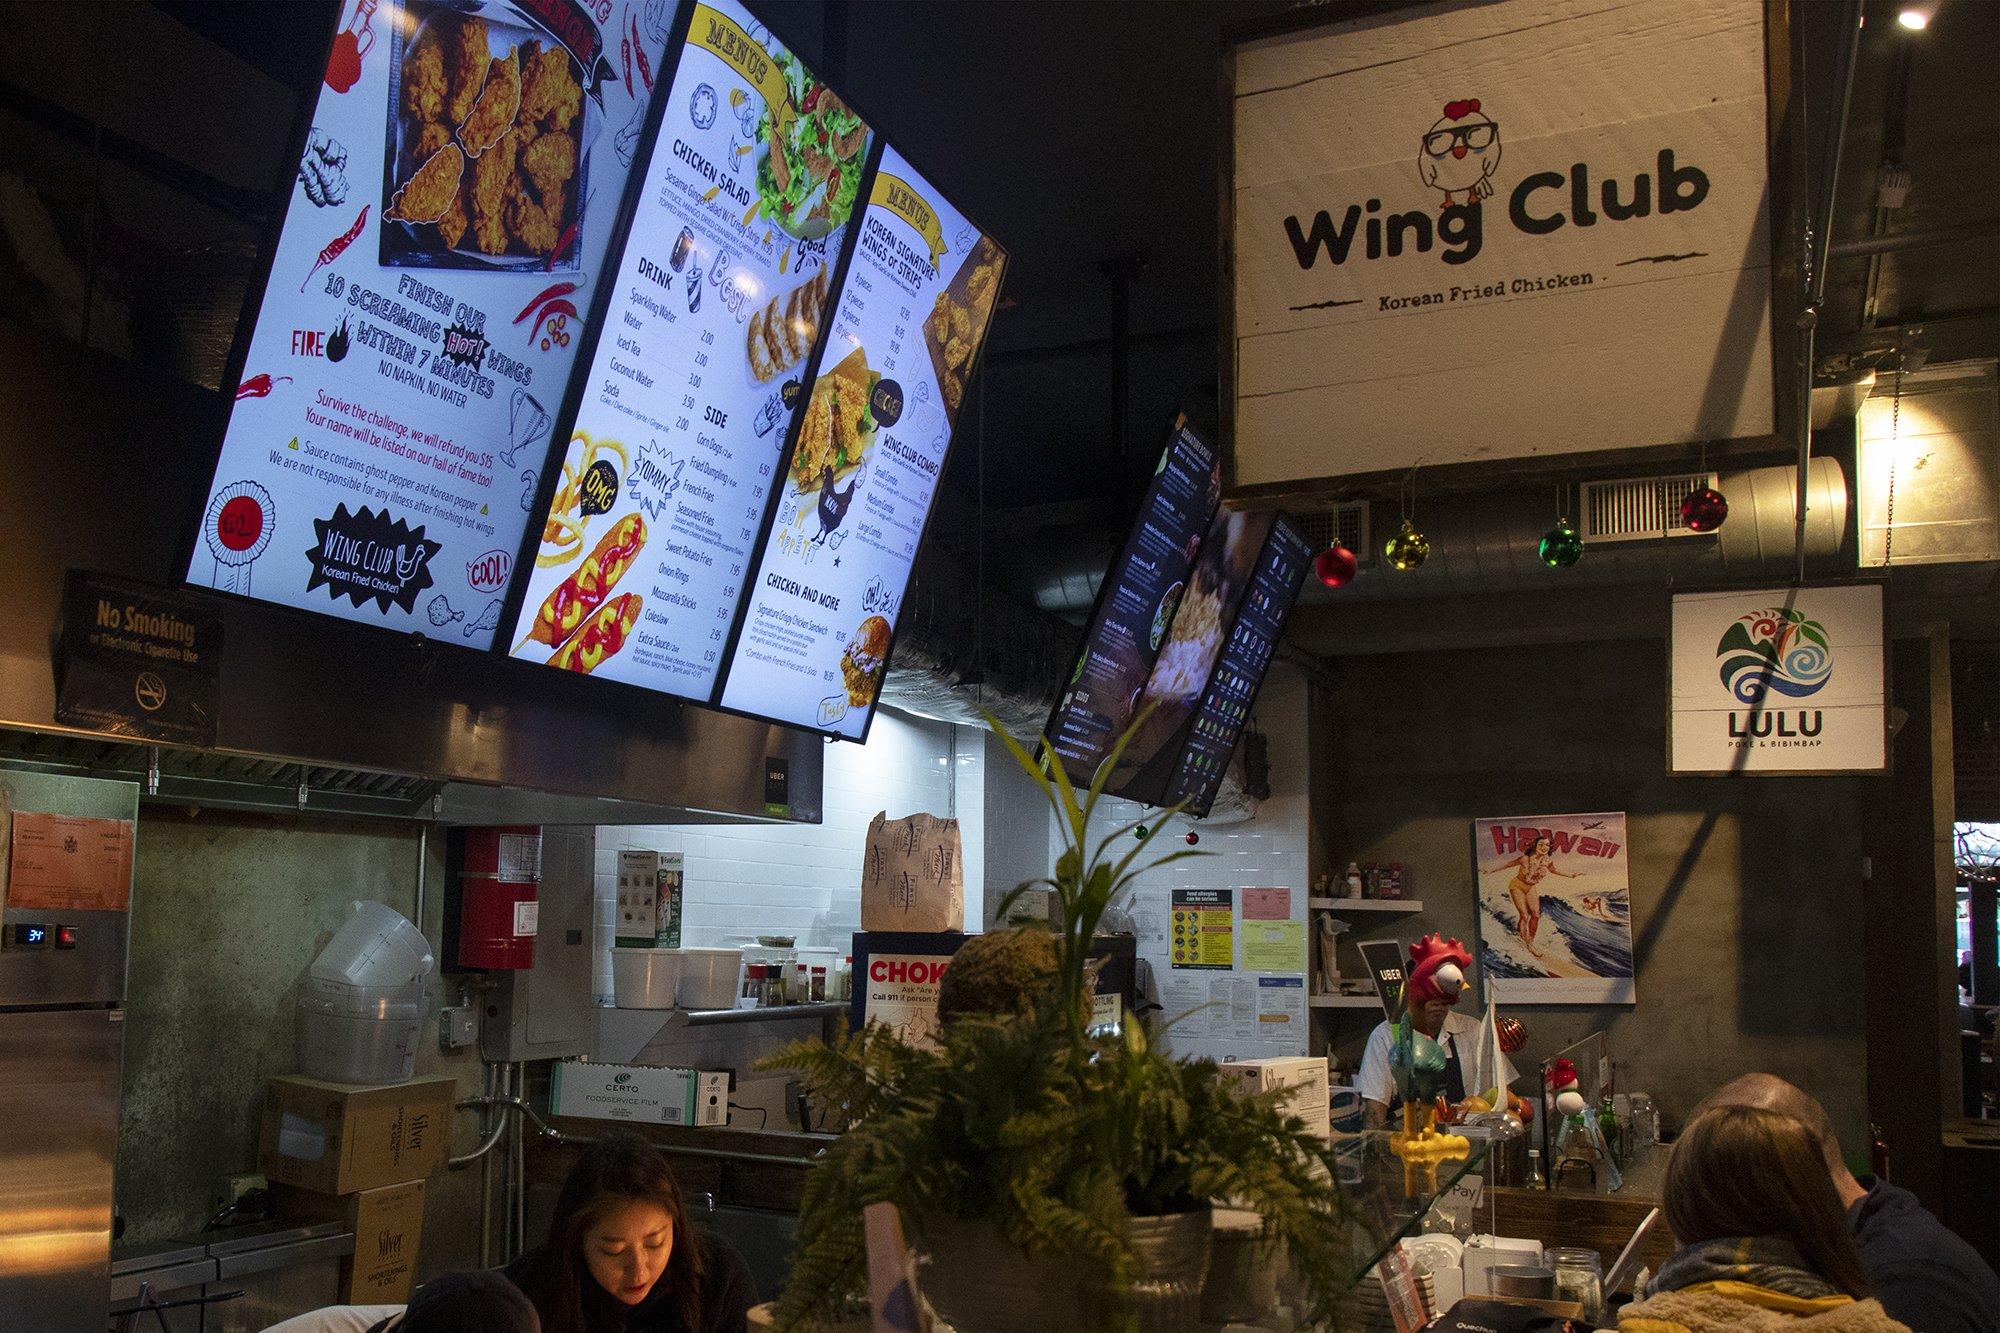 Wing Club at Gansevoort Market